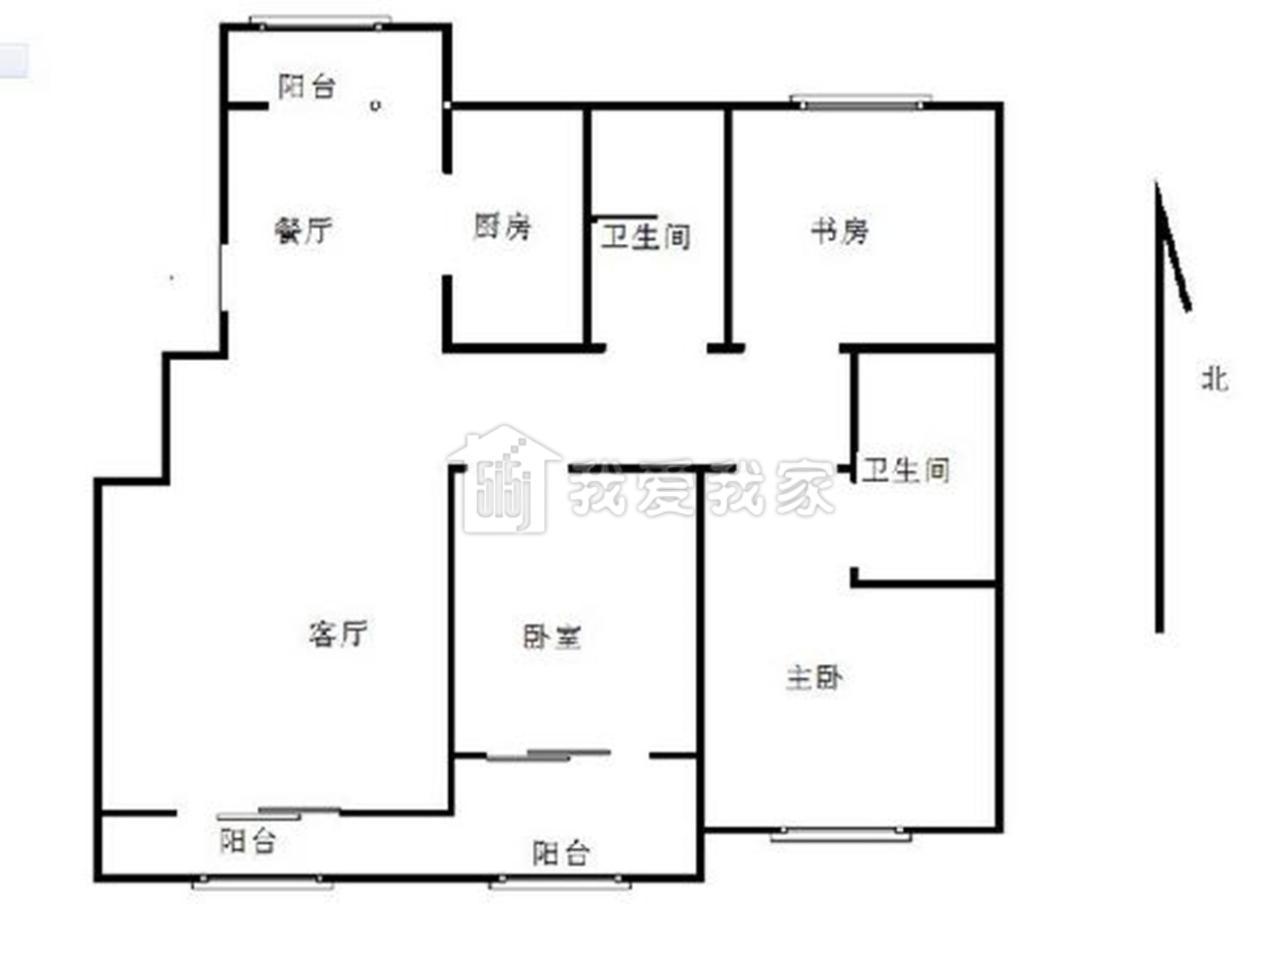 栖霞区仙林南大和园3室2厅户型图